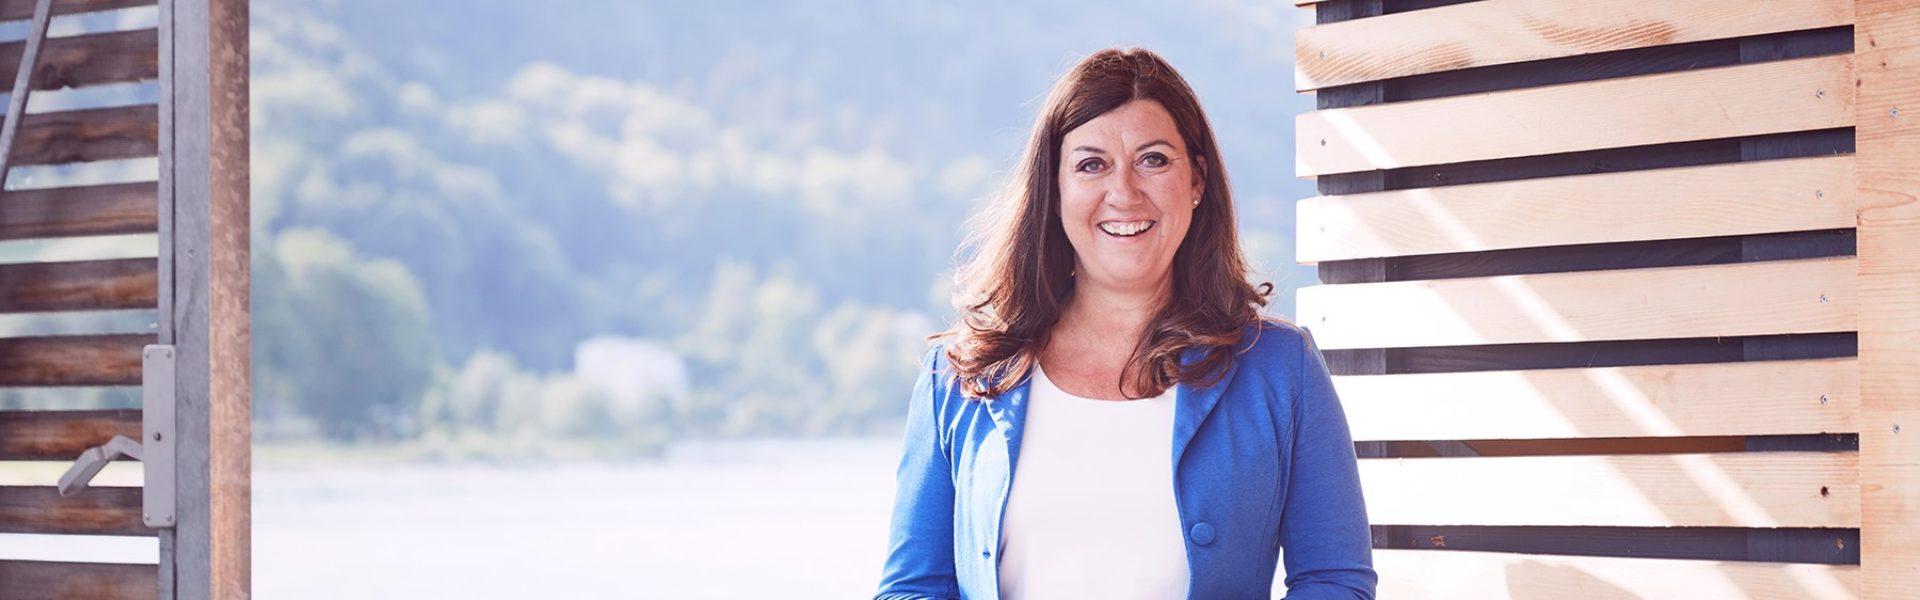 Annemarie Felder (c) Annemarie Felder